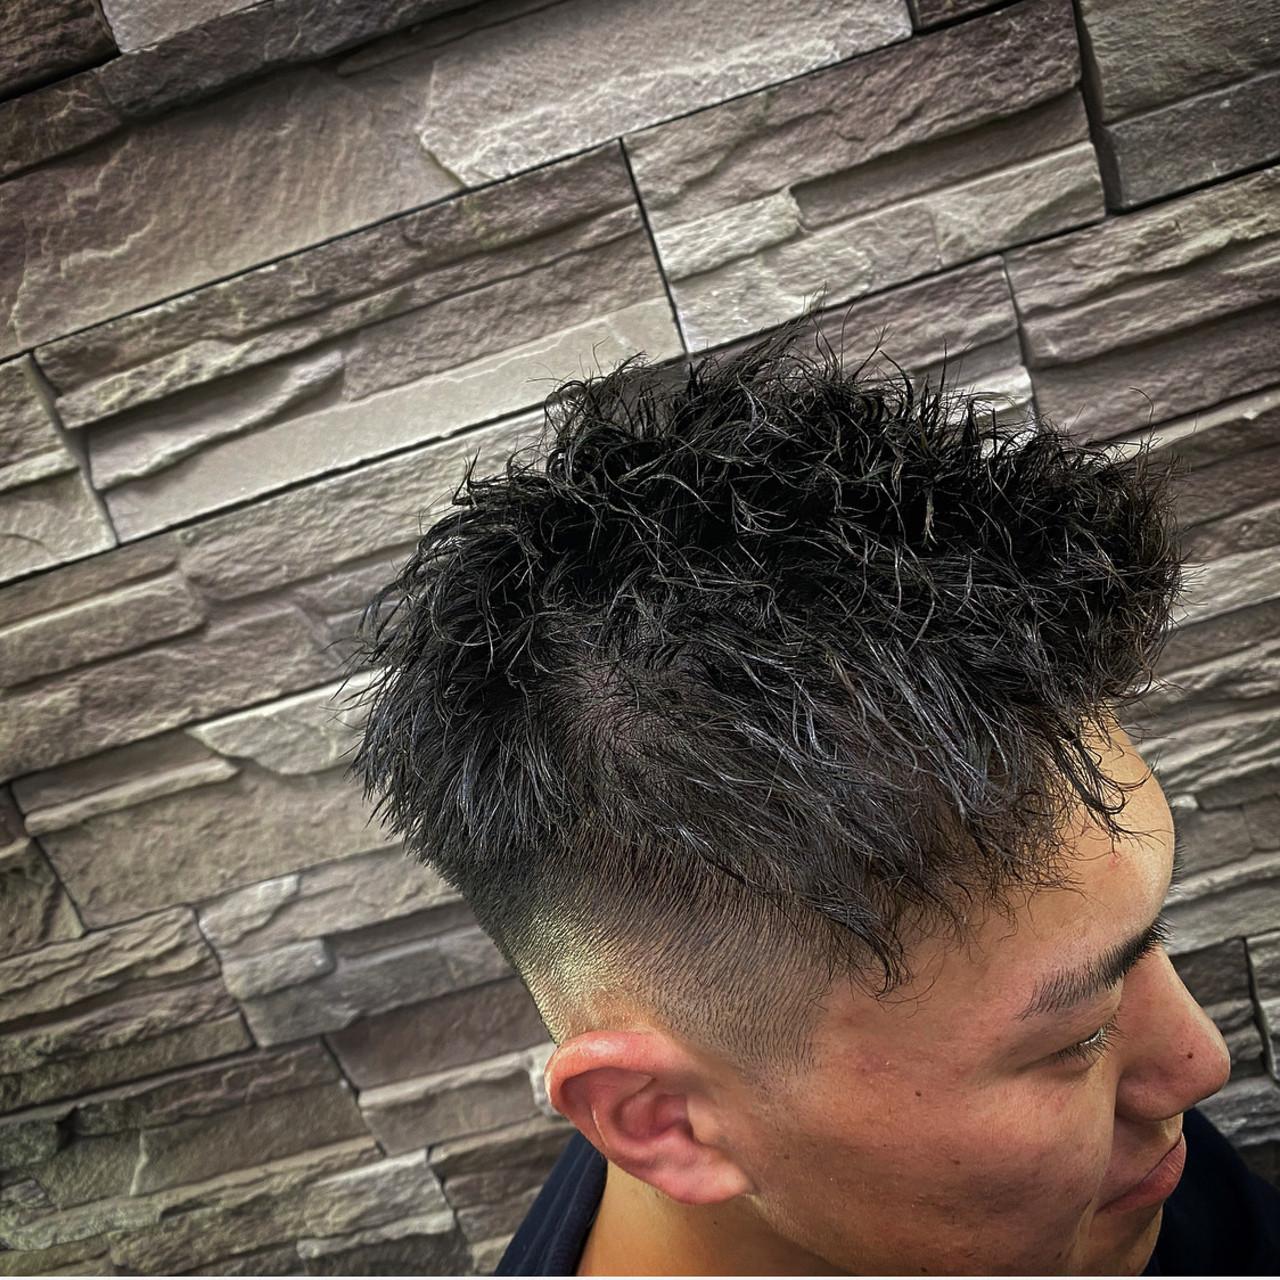 メンズヘア フェードカット メンズ ツイスト ヘアスタイルや髪型の写真・画像   つづみ[店長] メンズ専門 / smile hair 荻窪